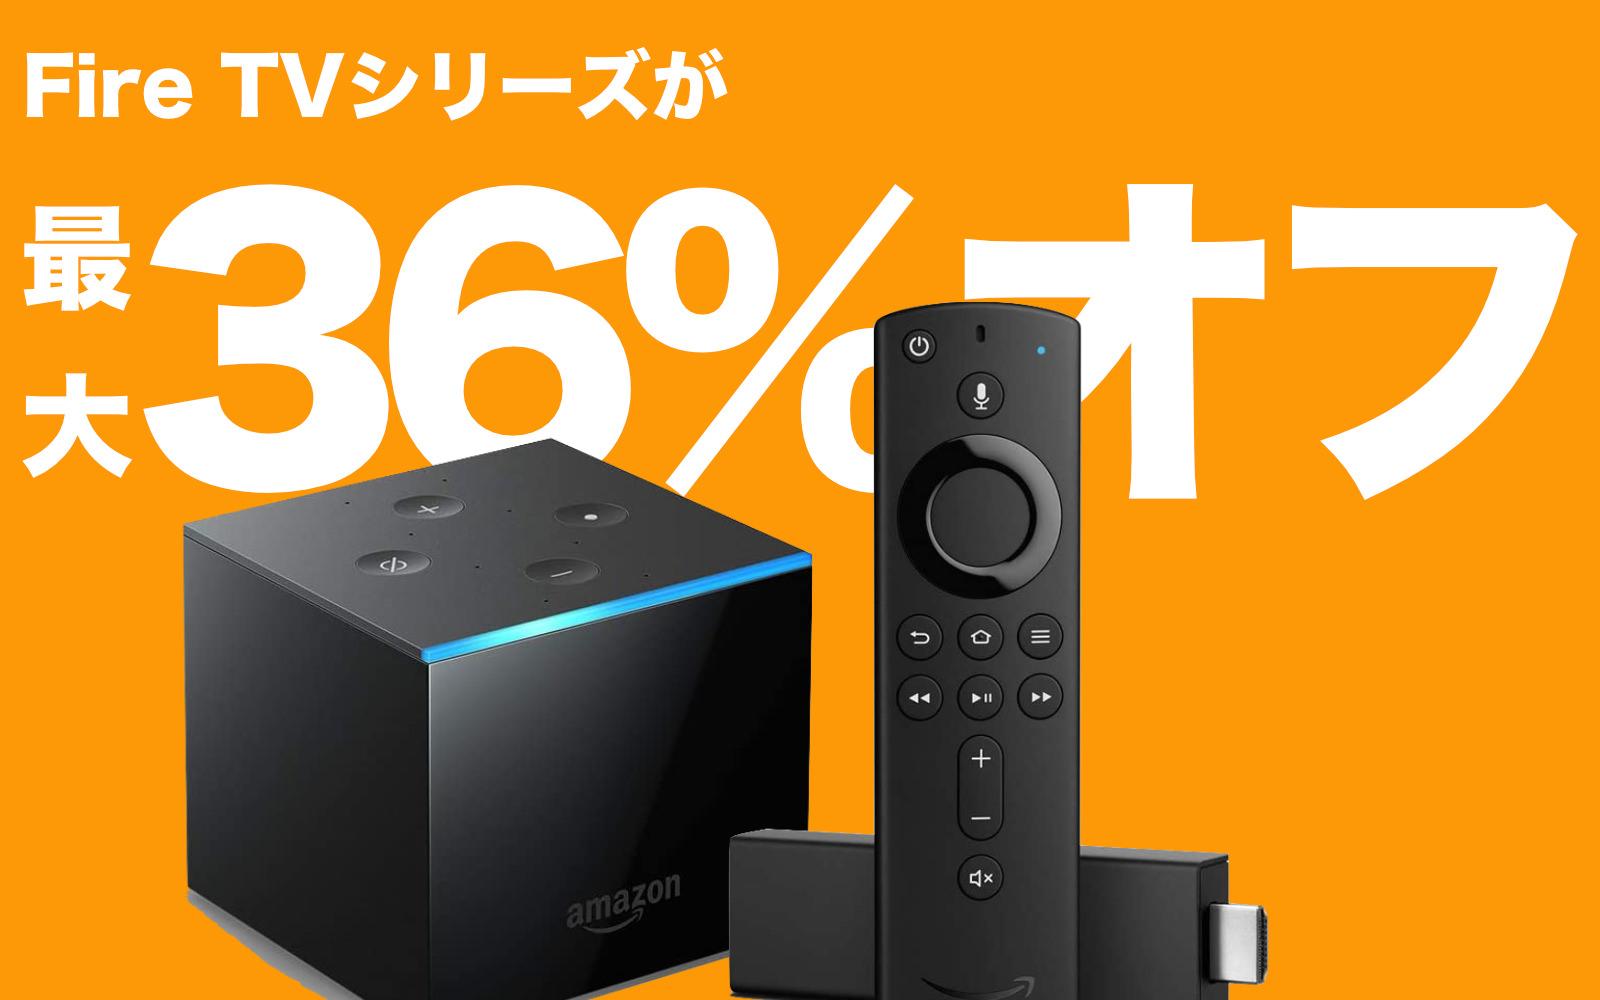 Fire TV Stick sale